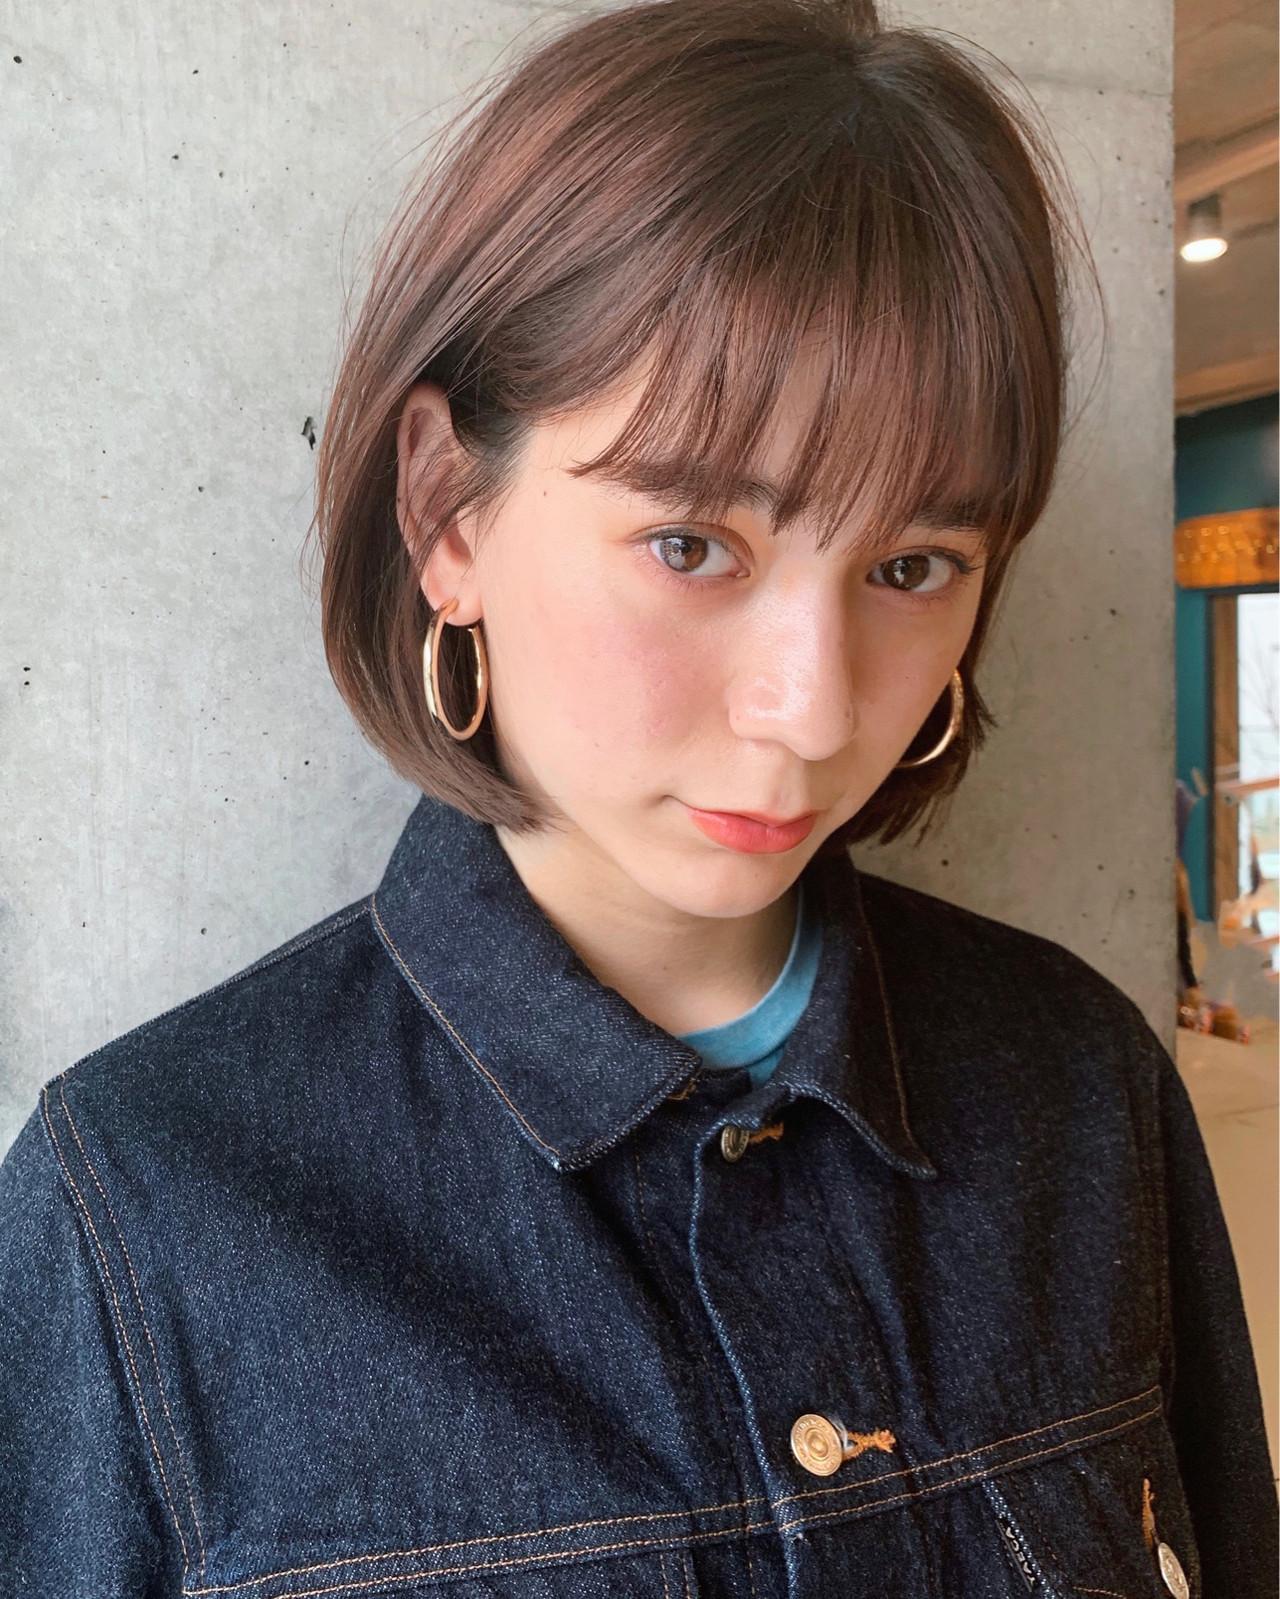 赤味たっぷりの優しいミルクティーベージュカラー 金子 周平 / ANDREY